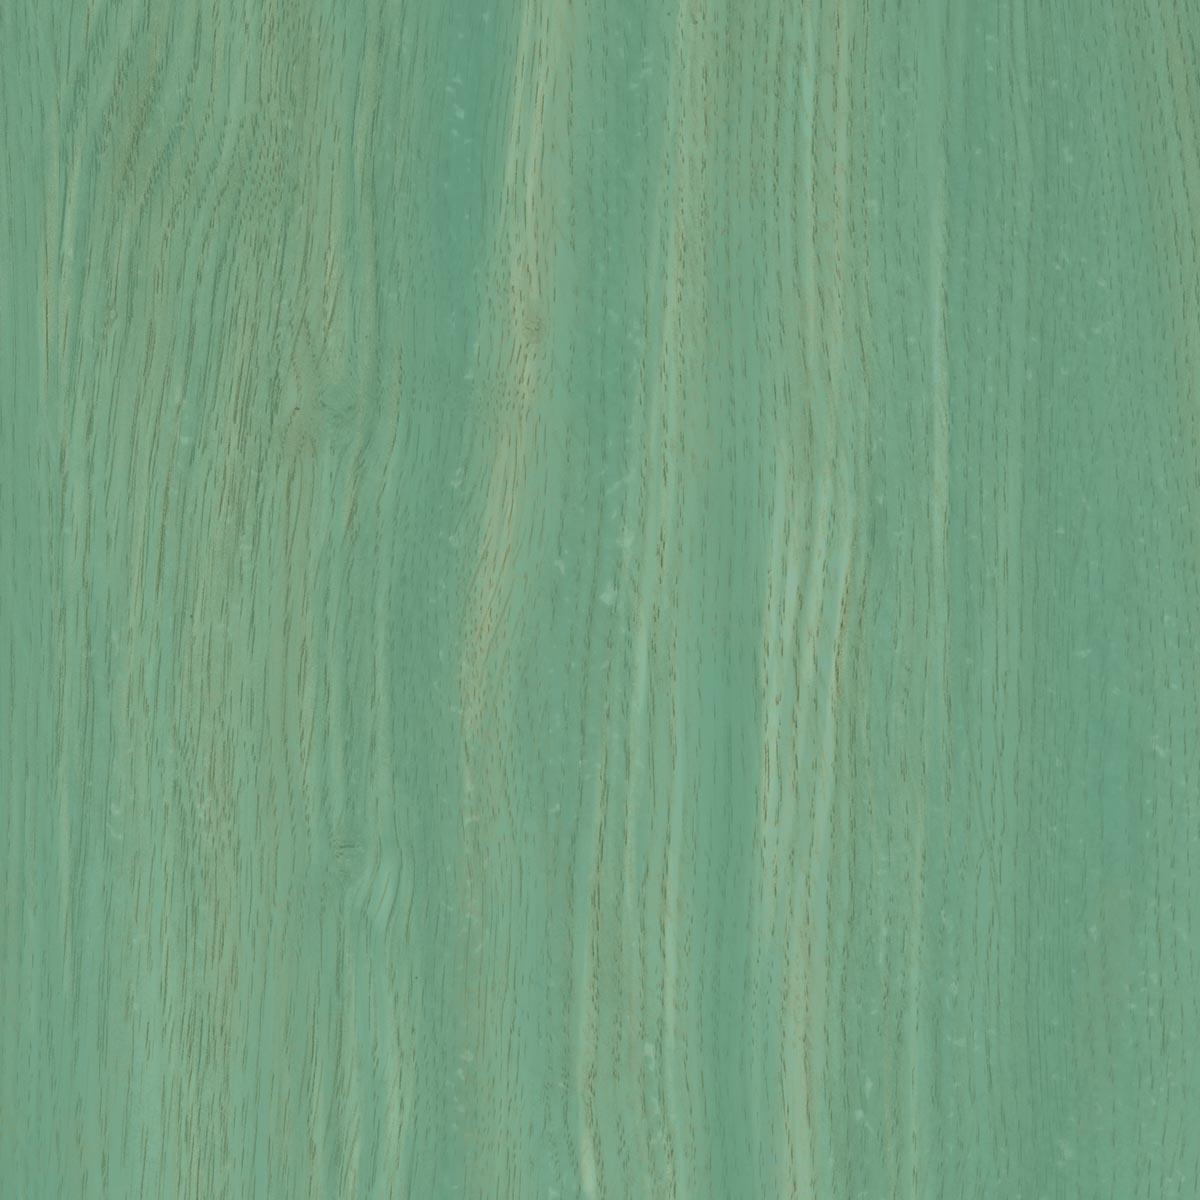 FolkArt ® Pickling Wash™ - Hidden Oasis, 2 oz.